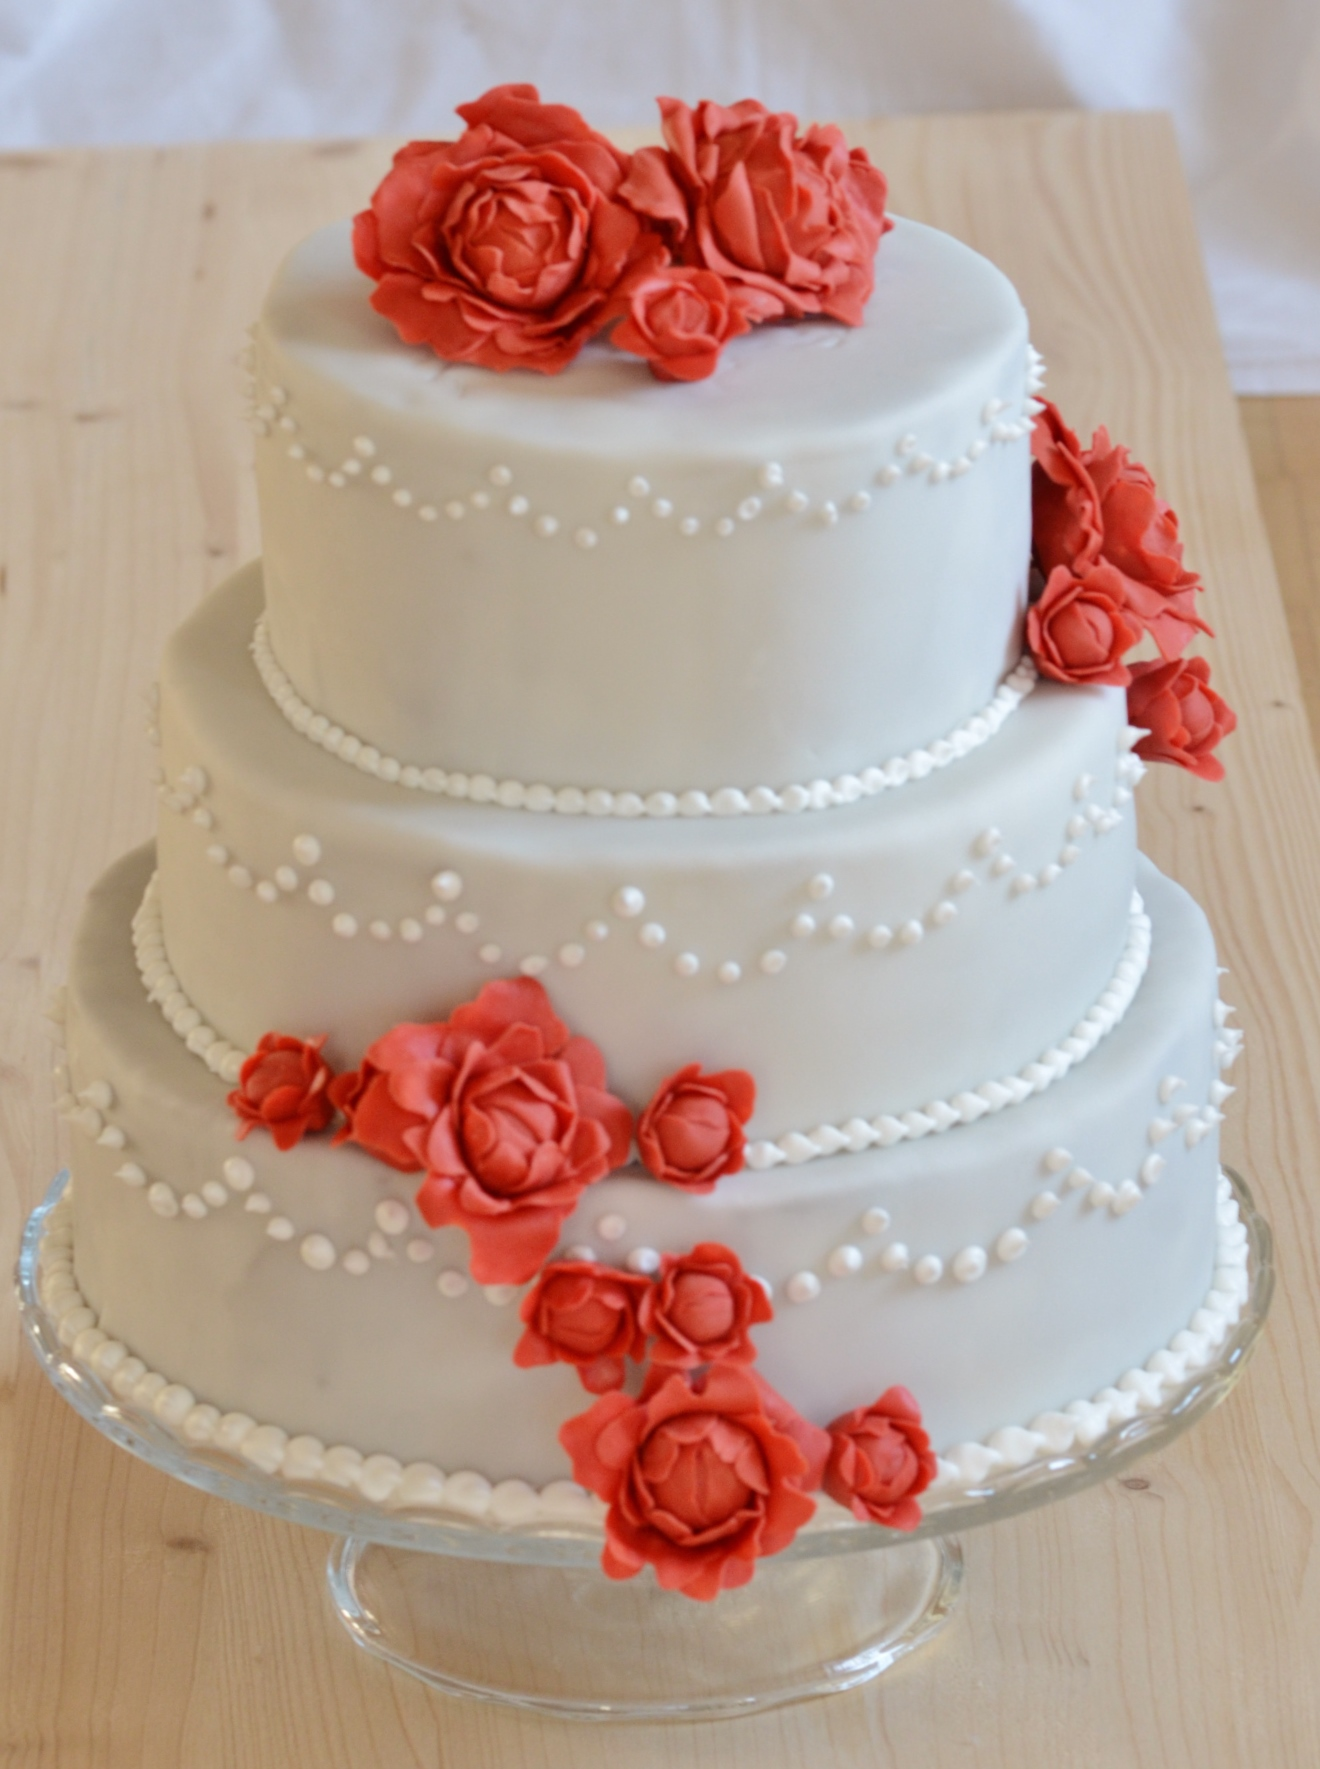 Hochzeitstorte mit roten Pfingstrosen und royal icing